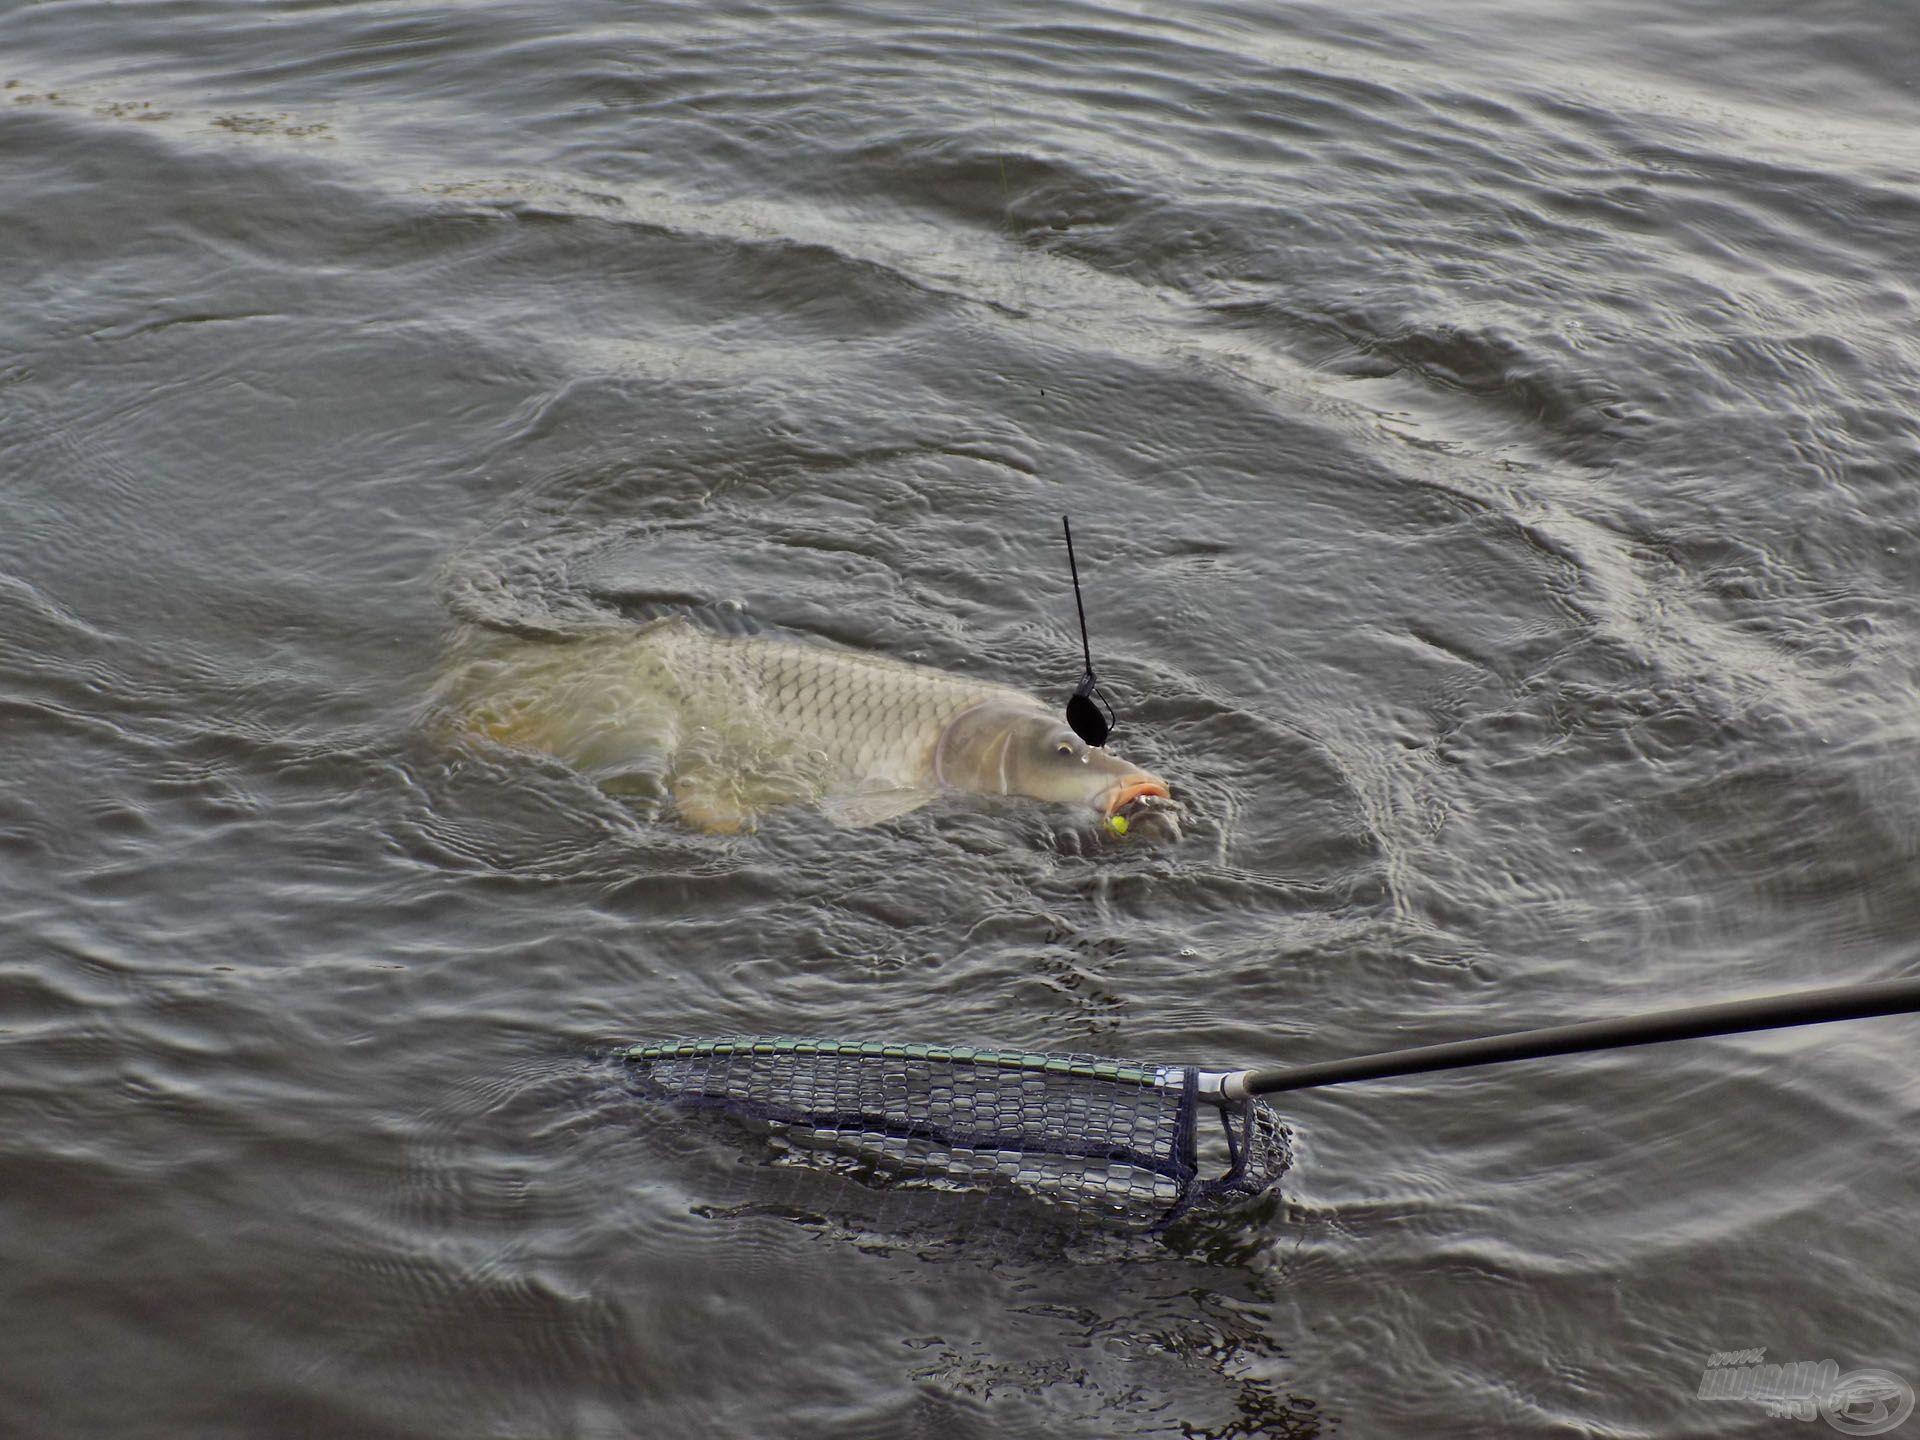 Ha megtaláljuk, hogy az adott horgászvízen mi az, amire a halak jól reagálnak, akkor a rövid nappalok ellenére is gyakran lehet hasonlóan szép látványban részünk…